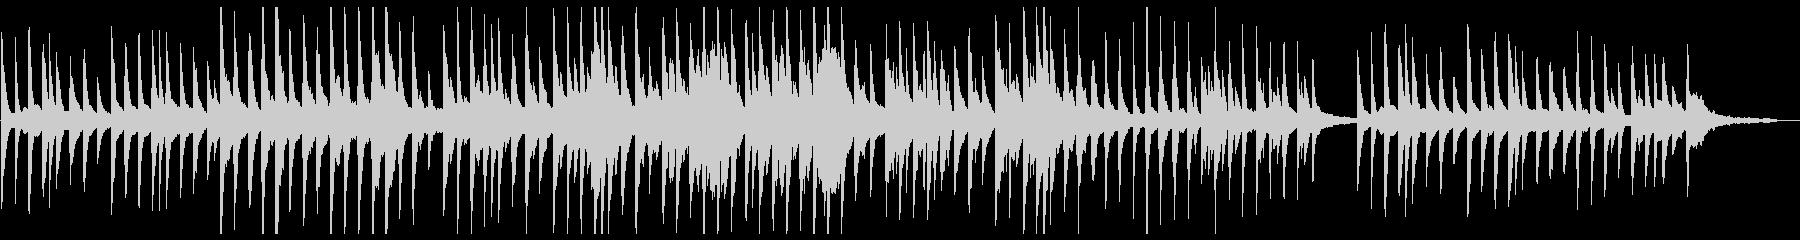 しっとりとメロディアスなピアノバラードの未再生の波形